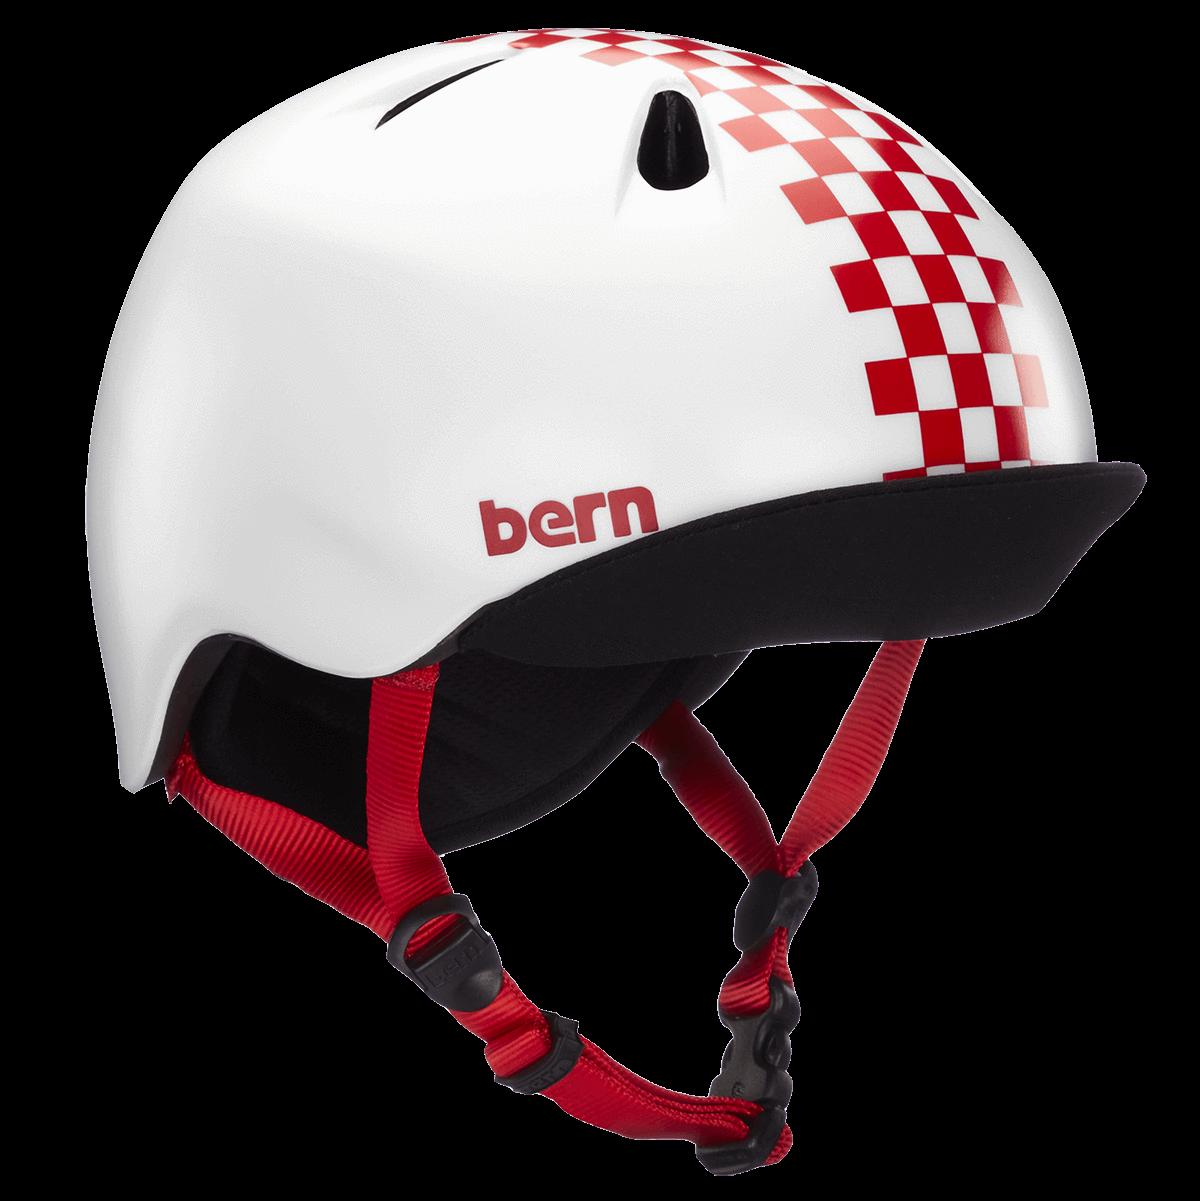 Casque Bern Nina-Satin-Red-Checkers-Esprit vélo